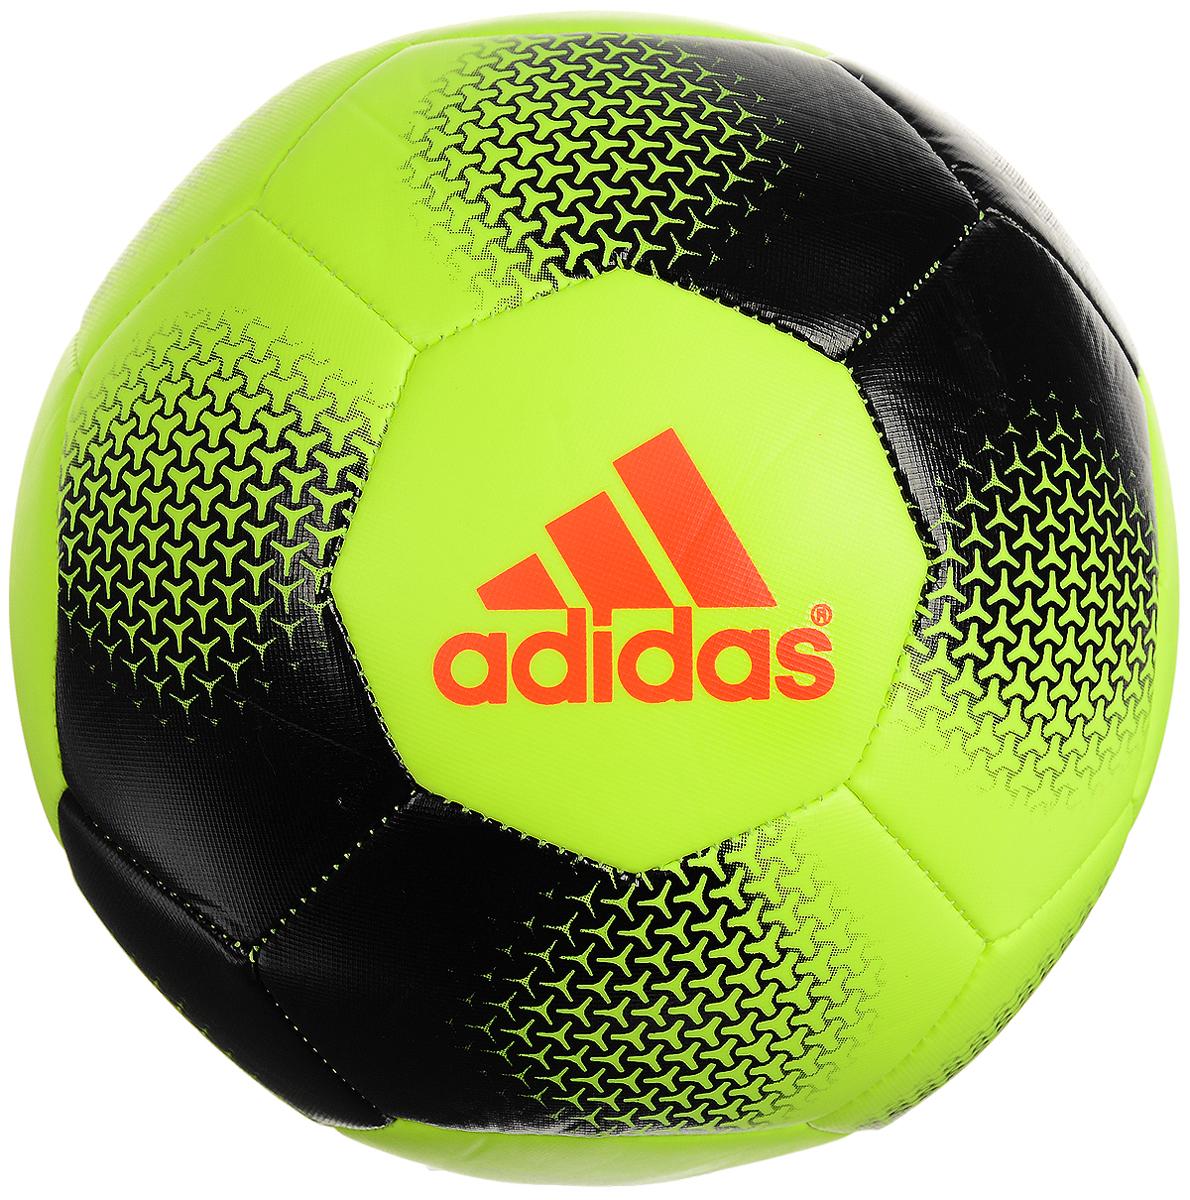 Мяч футбольный (подарочный) Adidas Ace glid, цвет: желтый. AP1642 ( AP1642 )